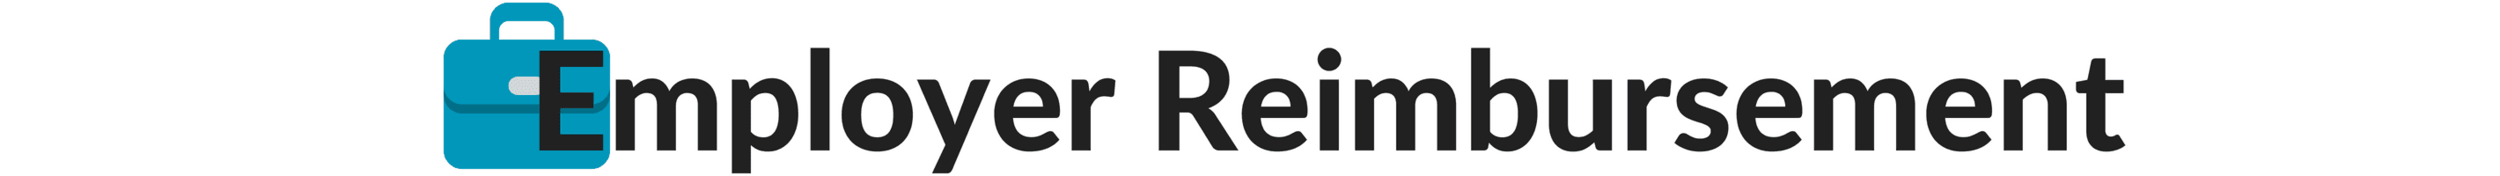 Employer Reimbursement for Coding Bootcamps